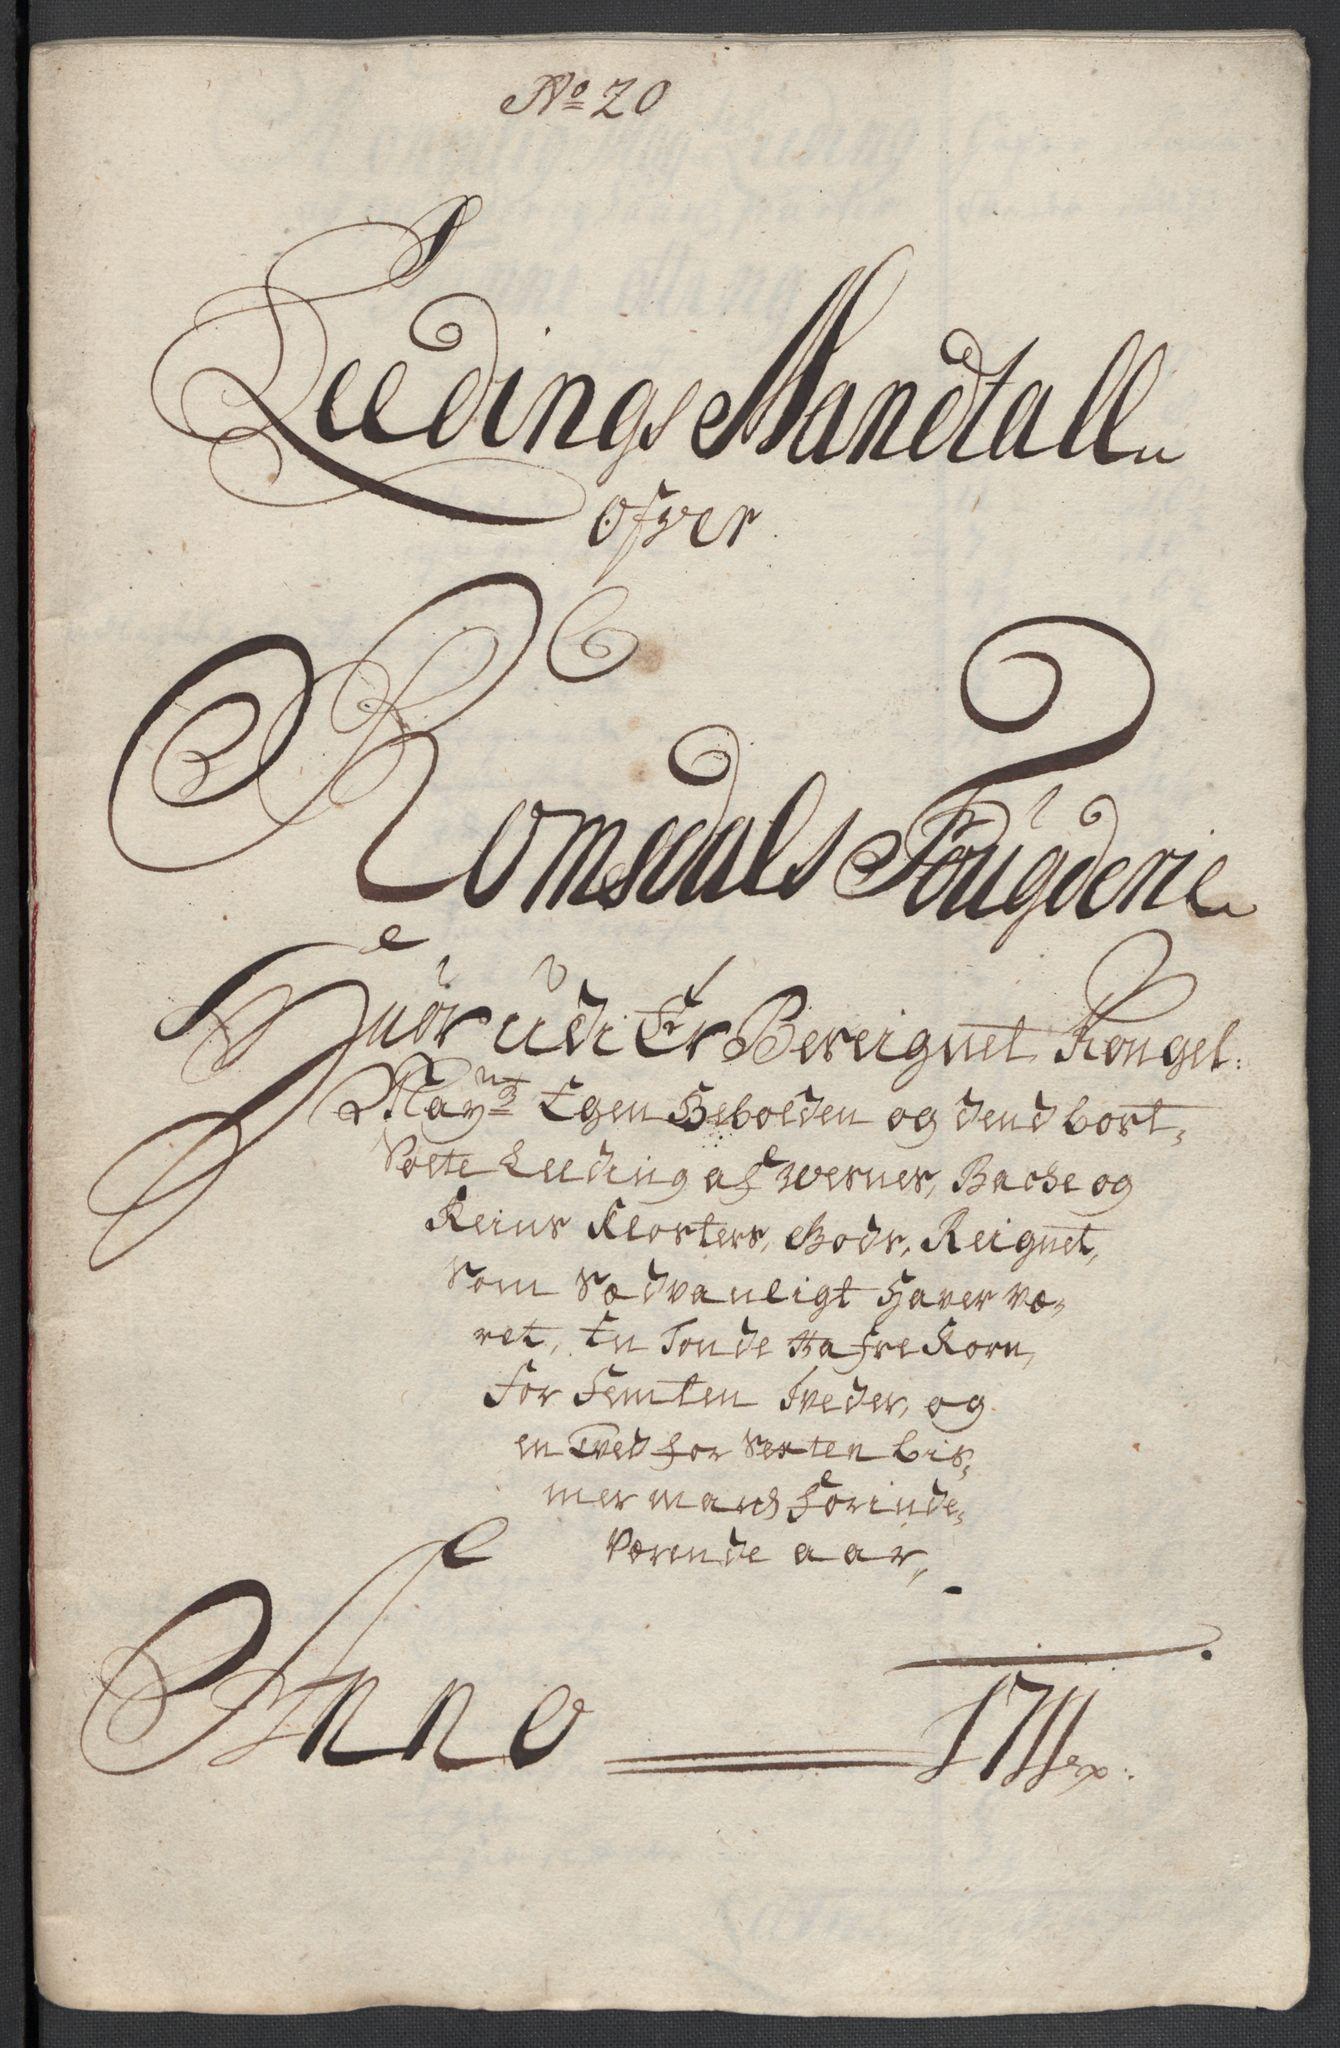 RA, Rentekammeret inntil 1814, Reviderte regnskaper, Fogderegnskap, R55/L3660: Fogderegnskap Romsdal, 1711, s. 358